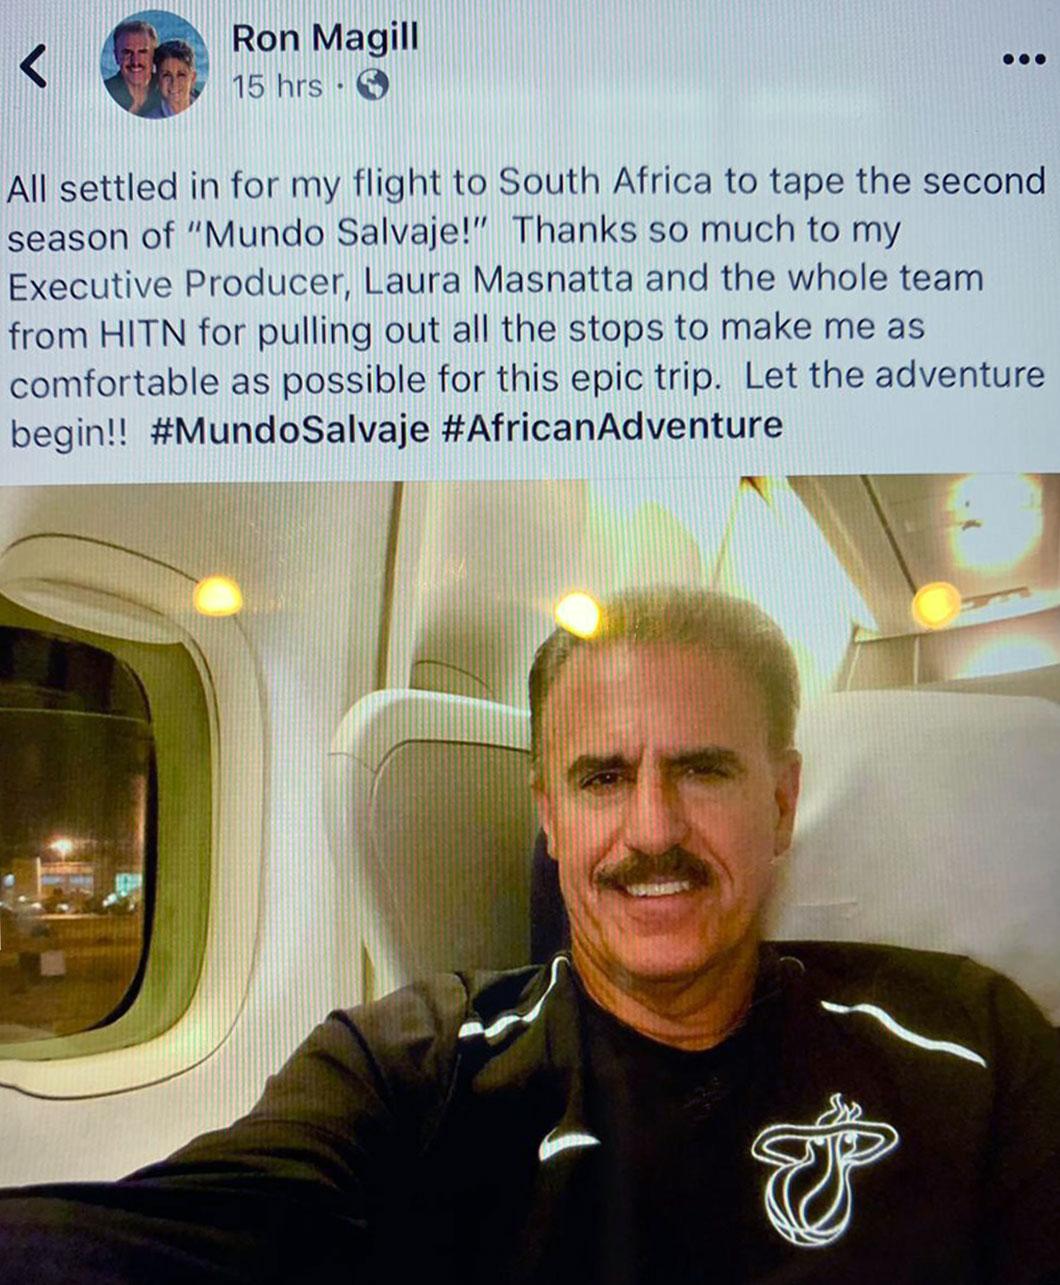 Ron Magill comparte su emoción con sus fans en redes sociales de viajar a Africa para grabar Mundo Salvaje